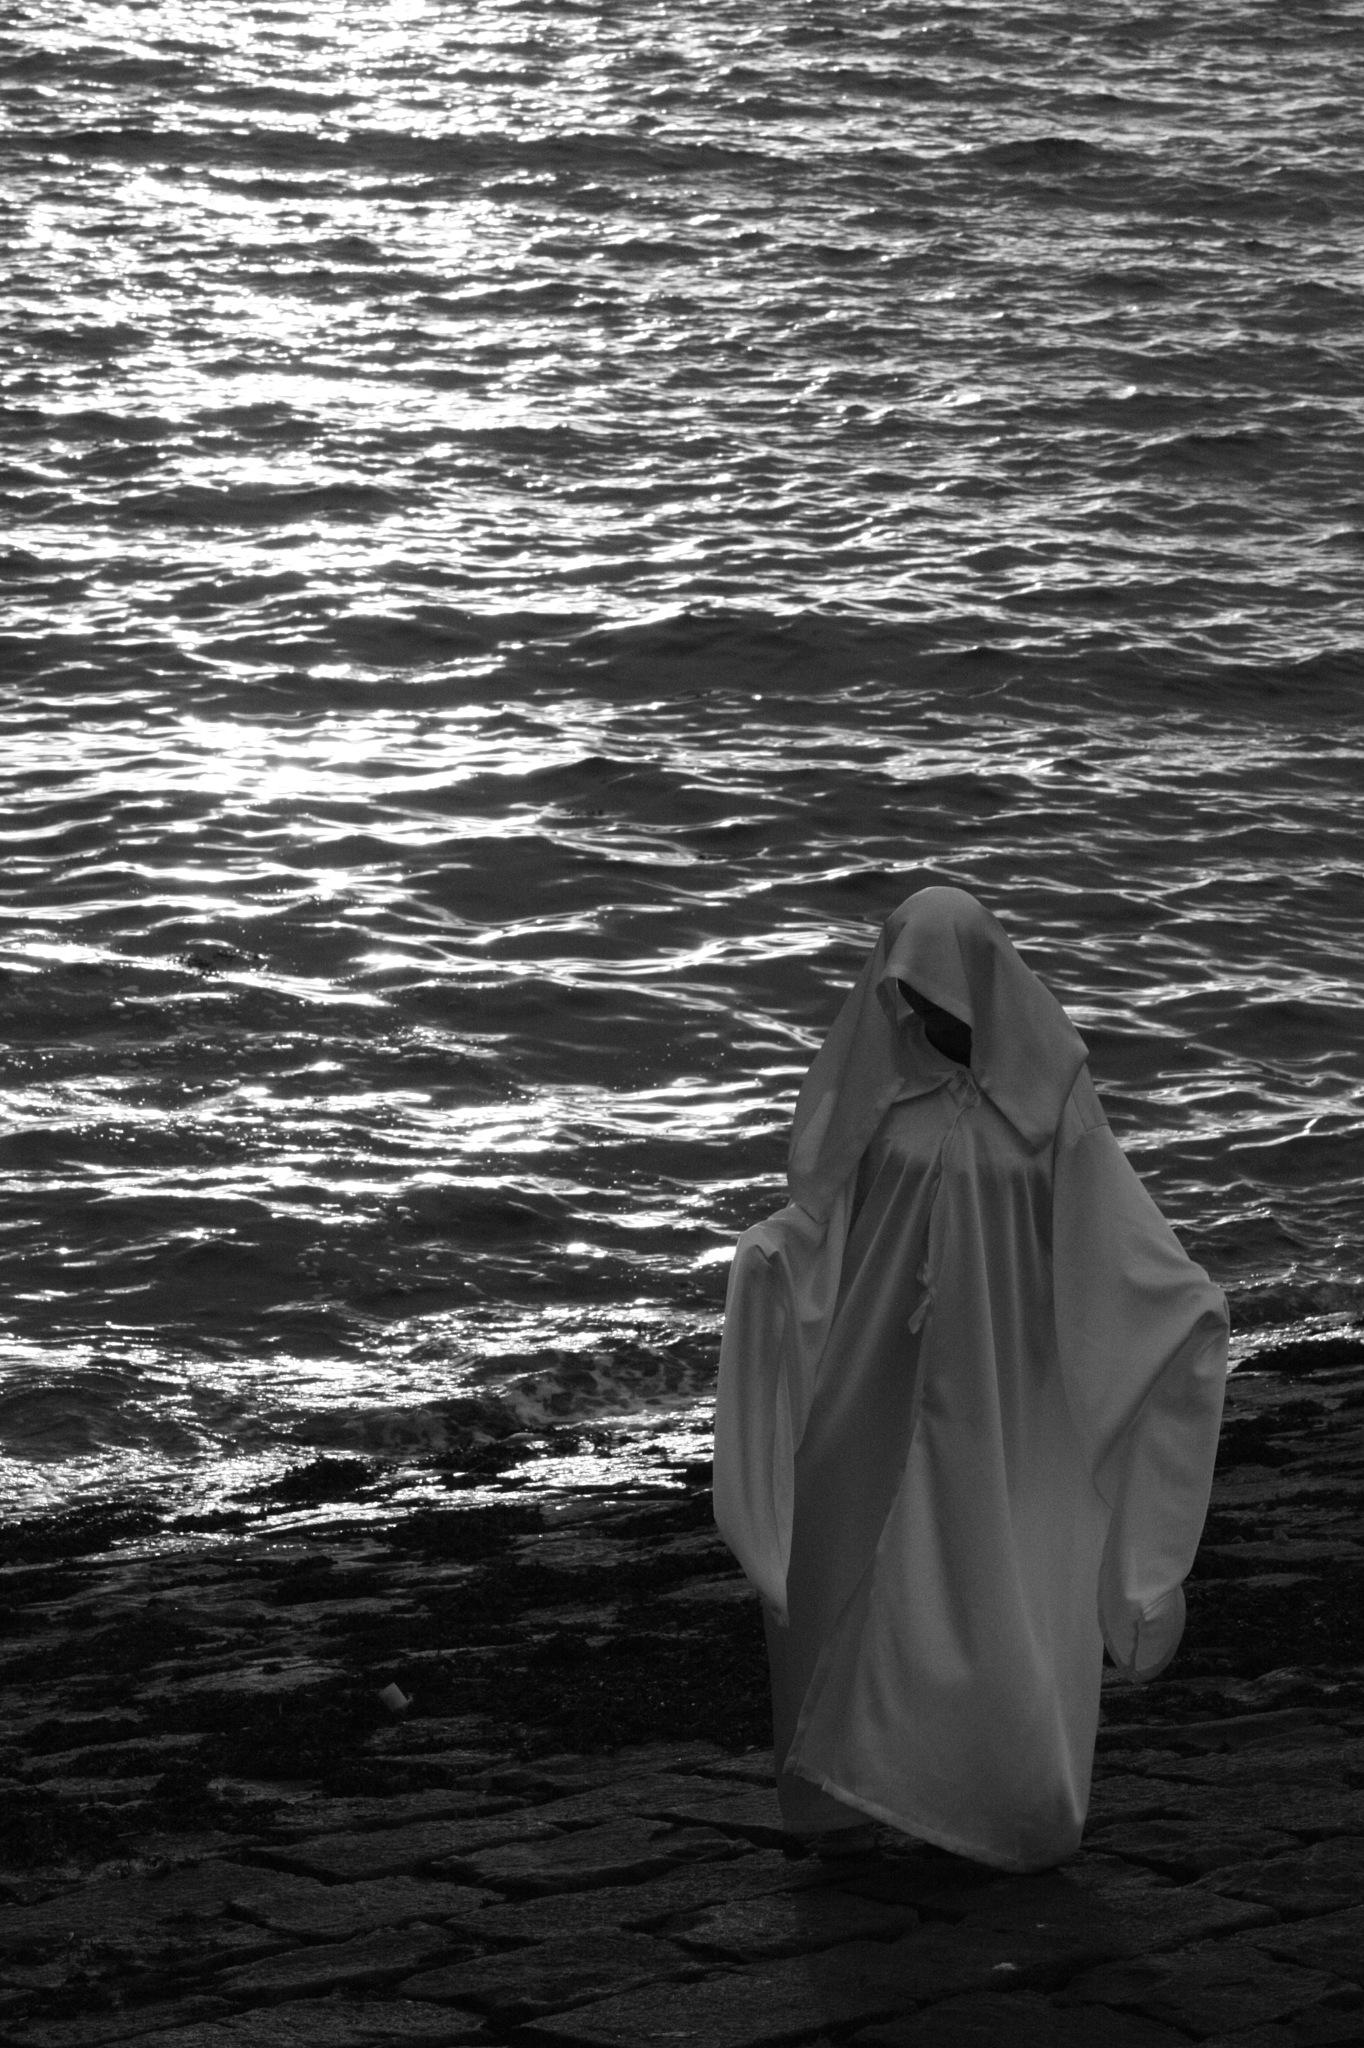 spirit of the sea by stephencdickson